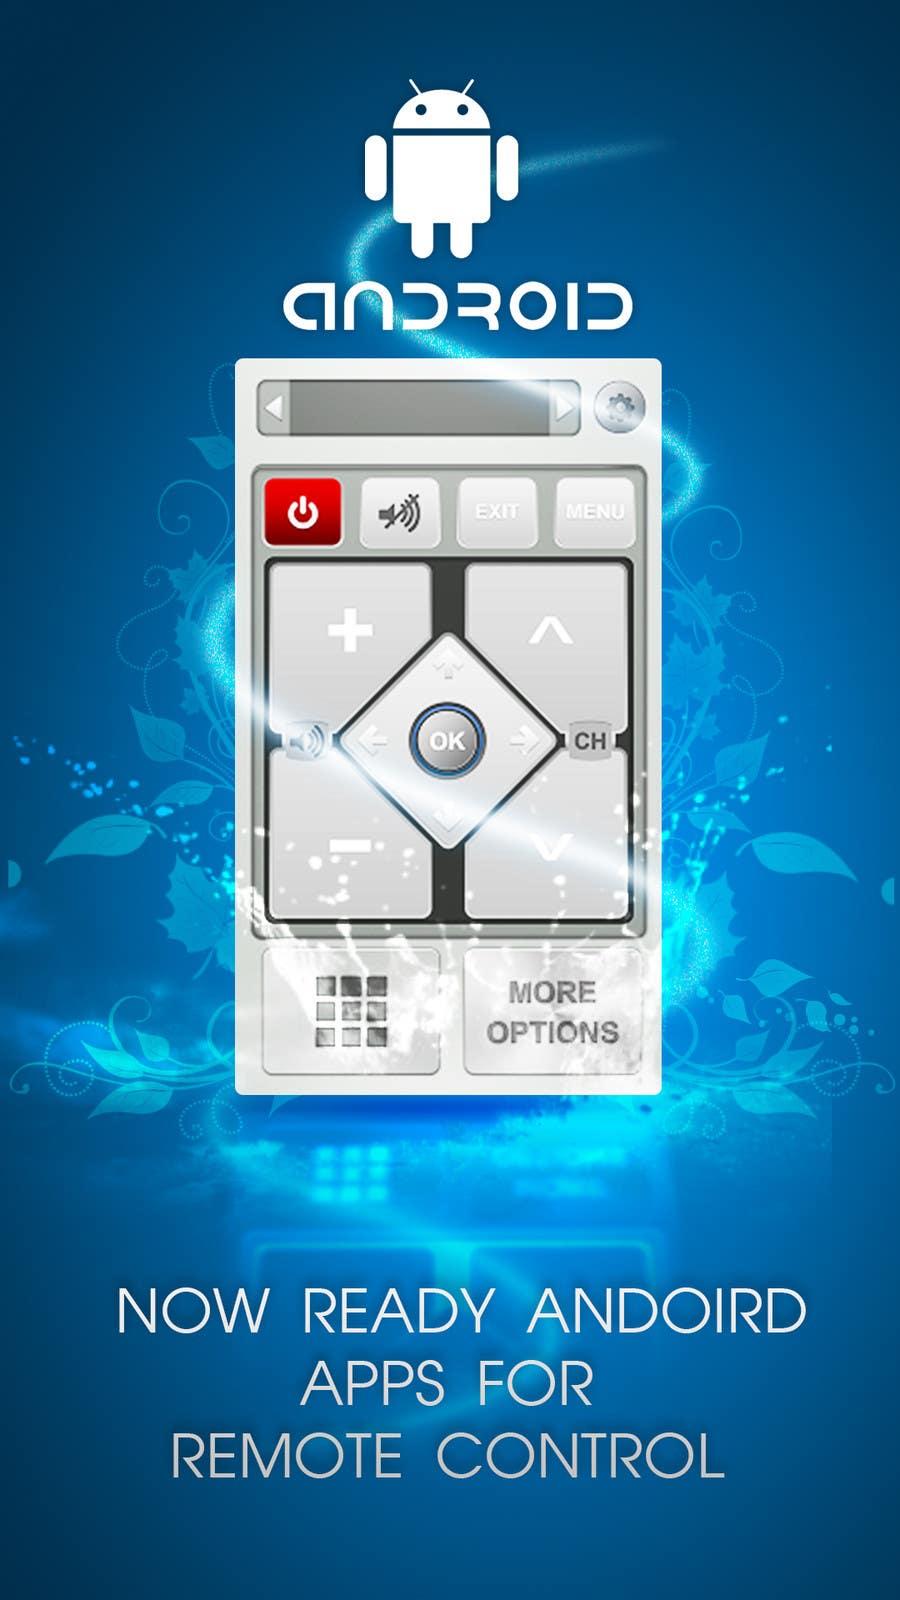 Bài tham dự cuộc thi #                                        105                                      cho                                         Splash Screen Design